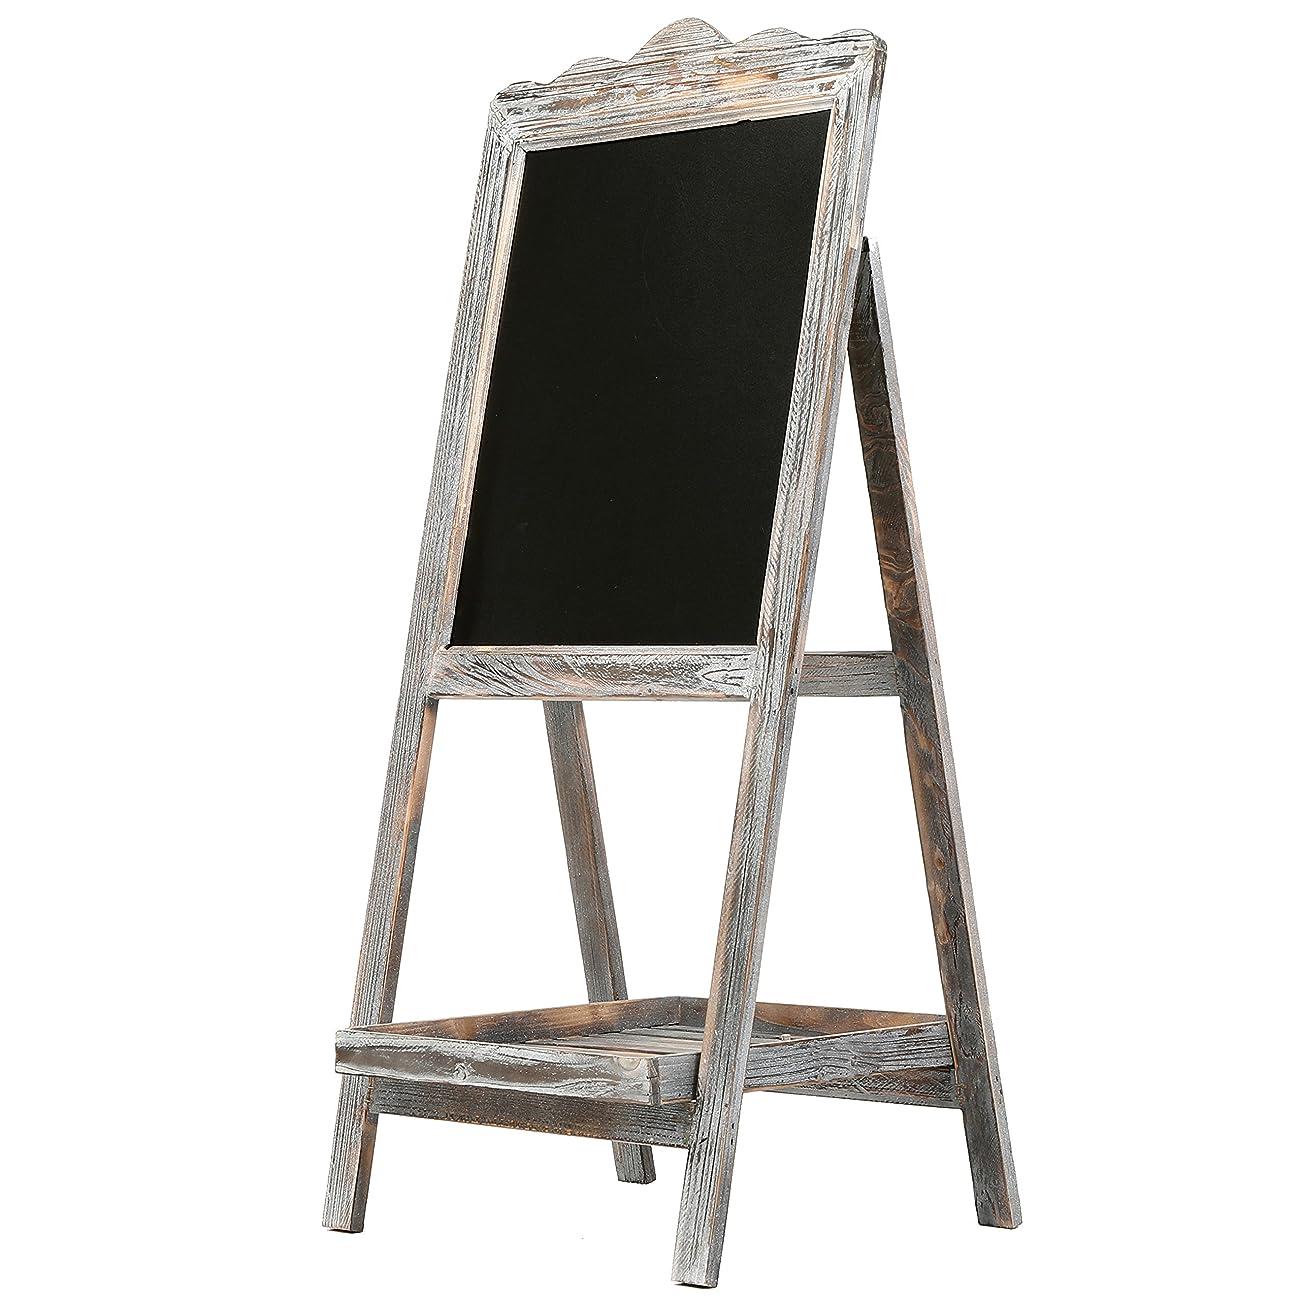 MyGift Torched Wood Chalkboard Easel, Freestanding Vintage Sign Blackboard, Brown 2